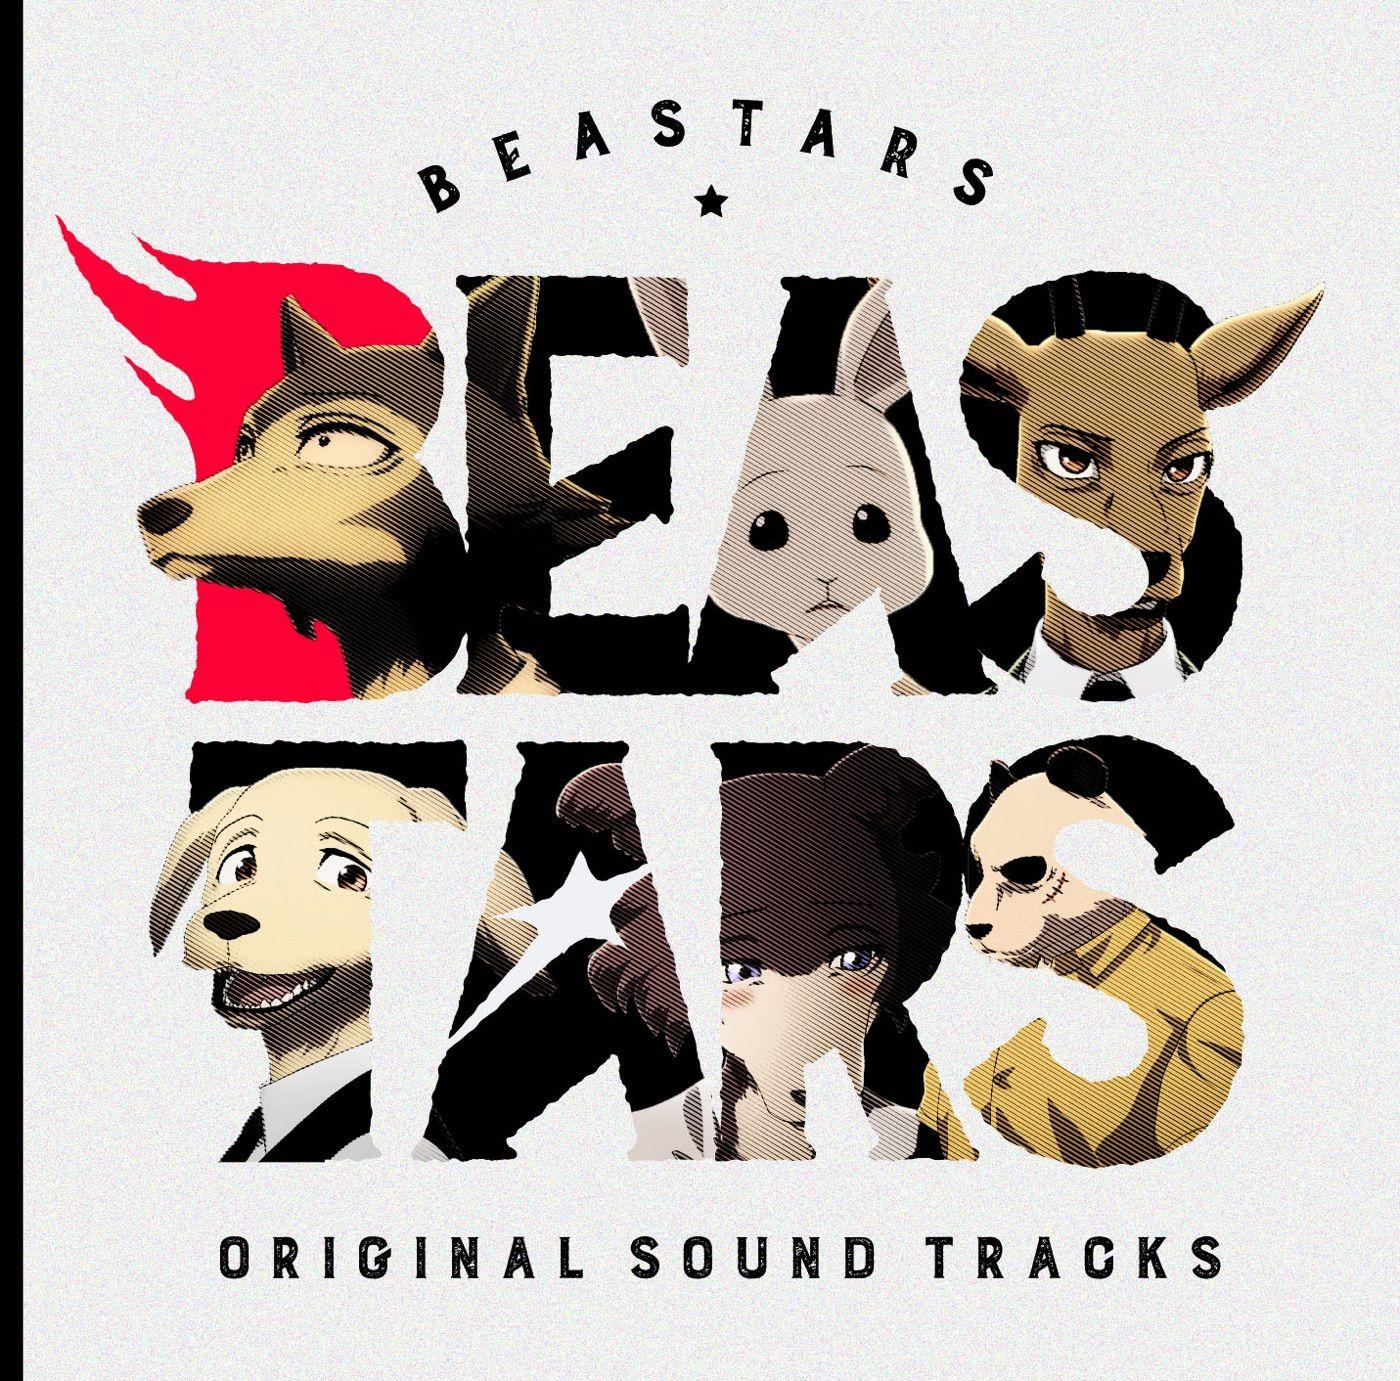 【音乐】 神前暁 – TVアニメ「BEASTARS」オリジナルサウンドトラック [FLAC+CUE+LOG]-KSLU